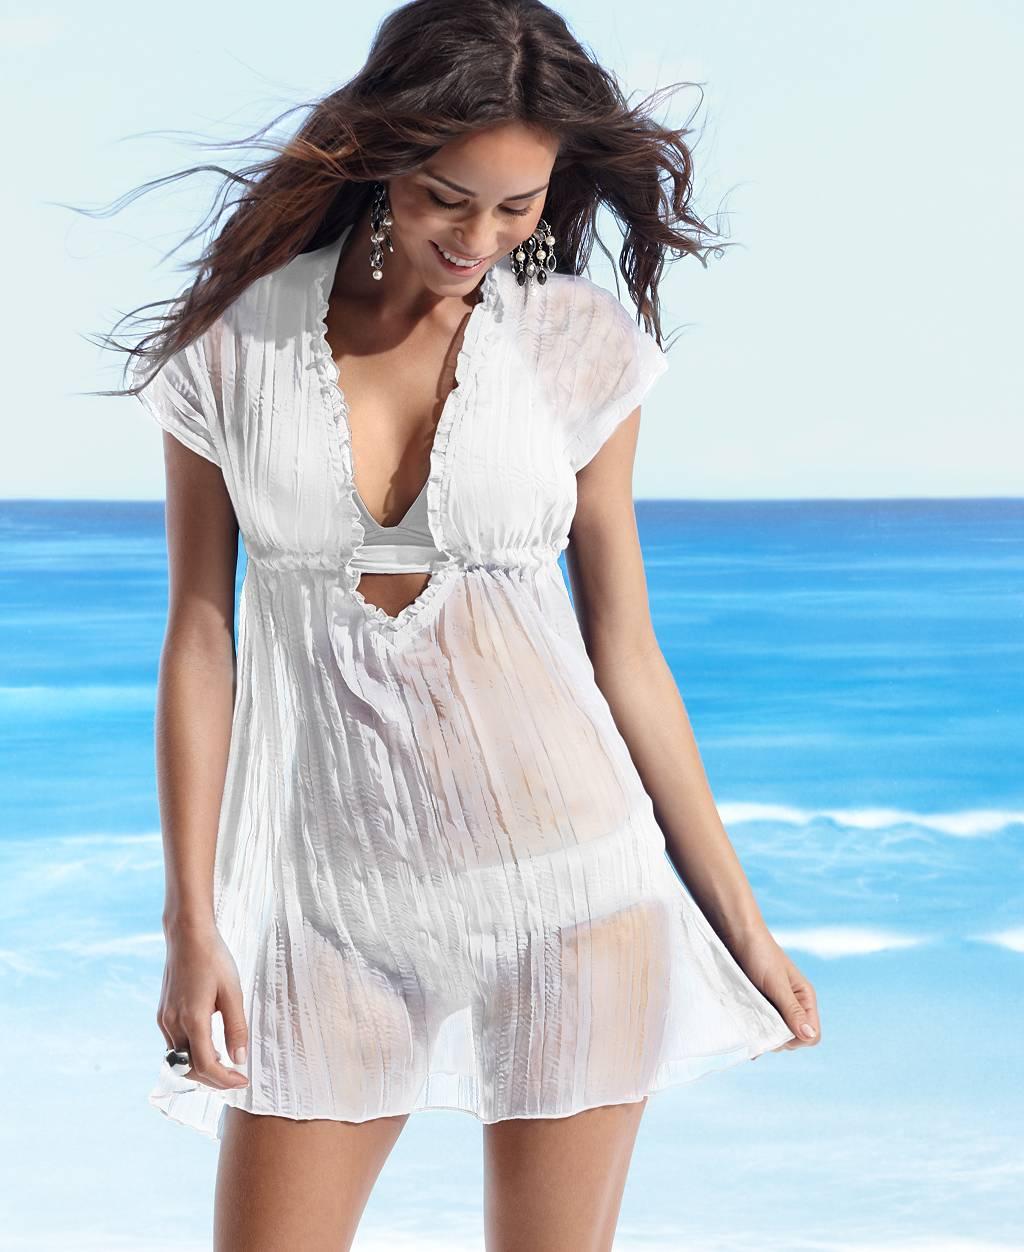 RU пляжная туника... Женская пляжная одежда